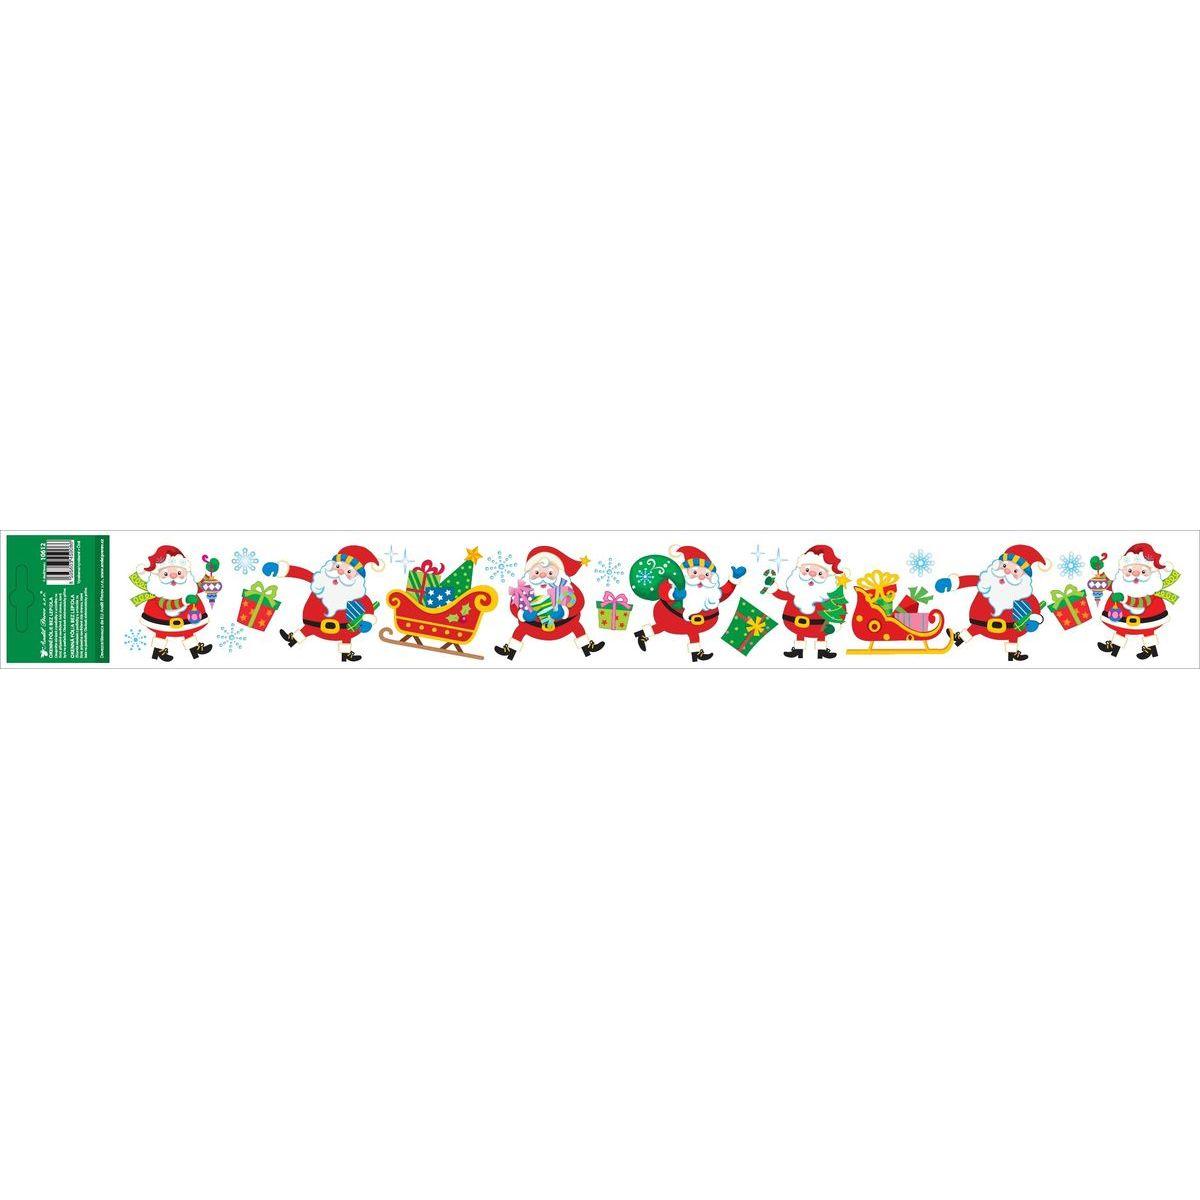 Okenní fólie s glitry pruh s dětskými motivy 59 x 7 cm Santa Klaus